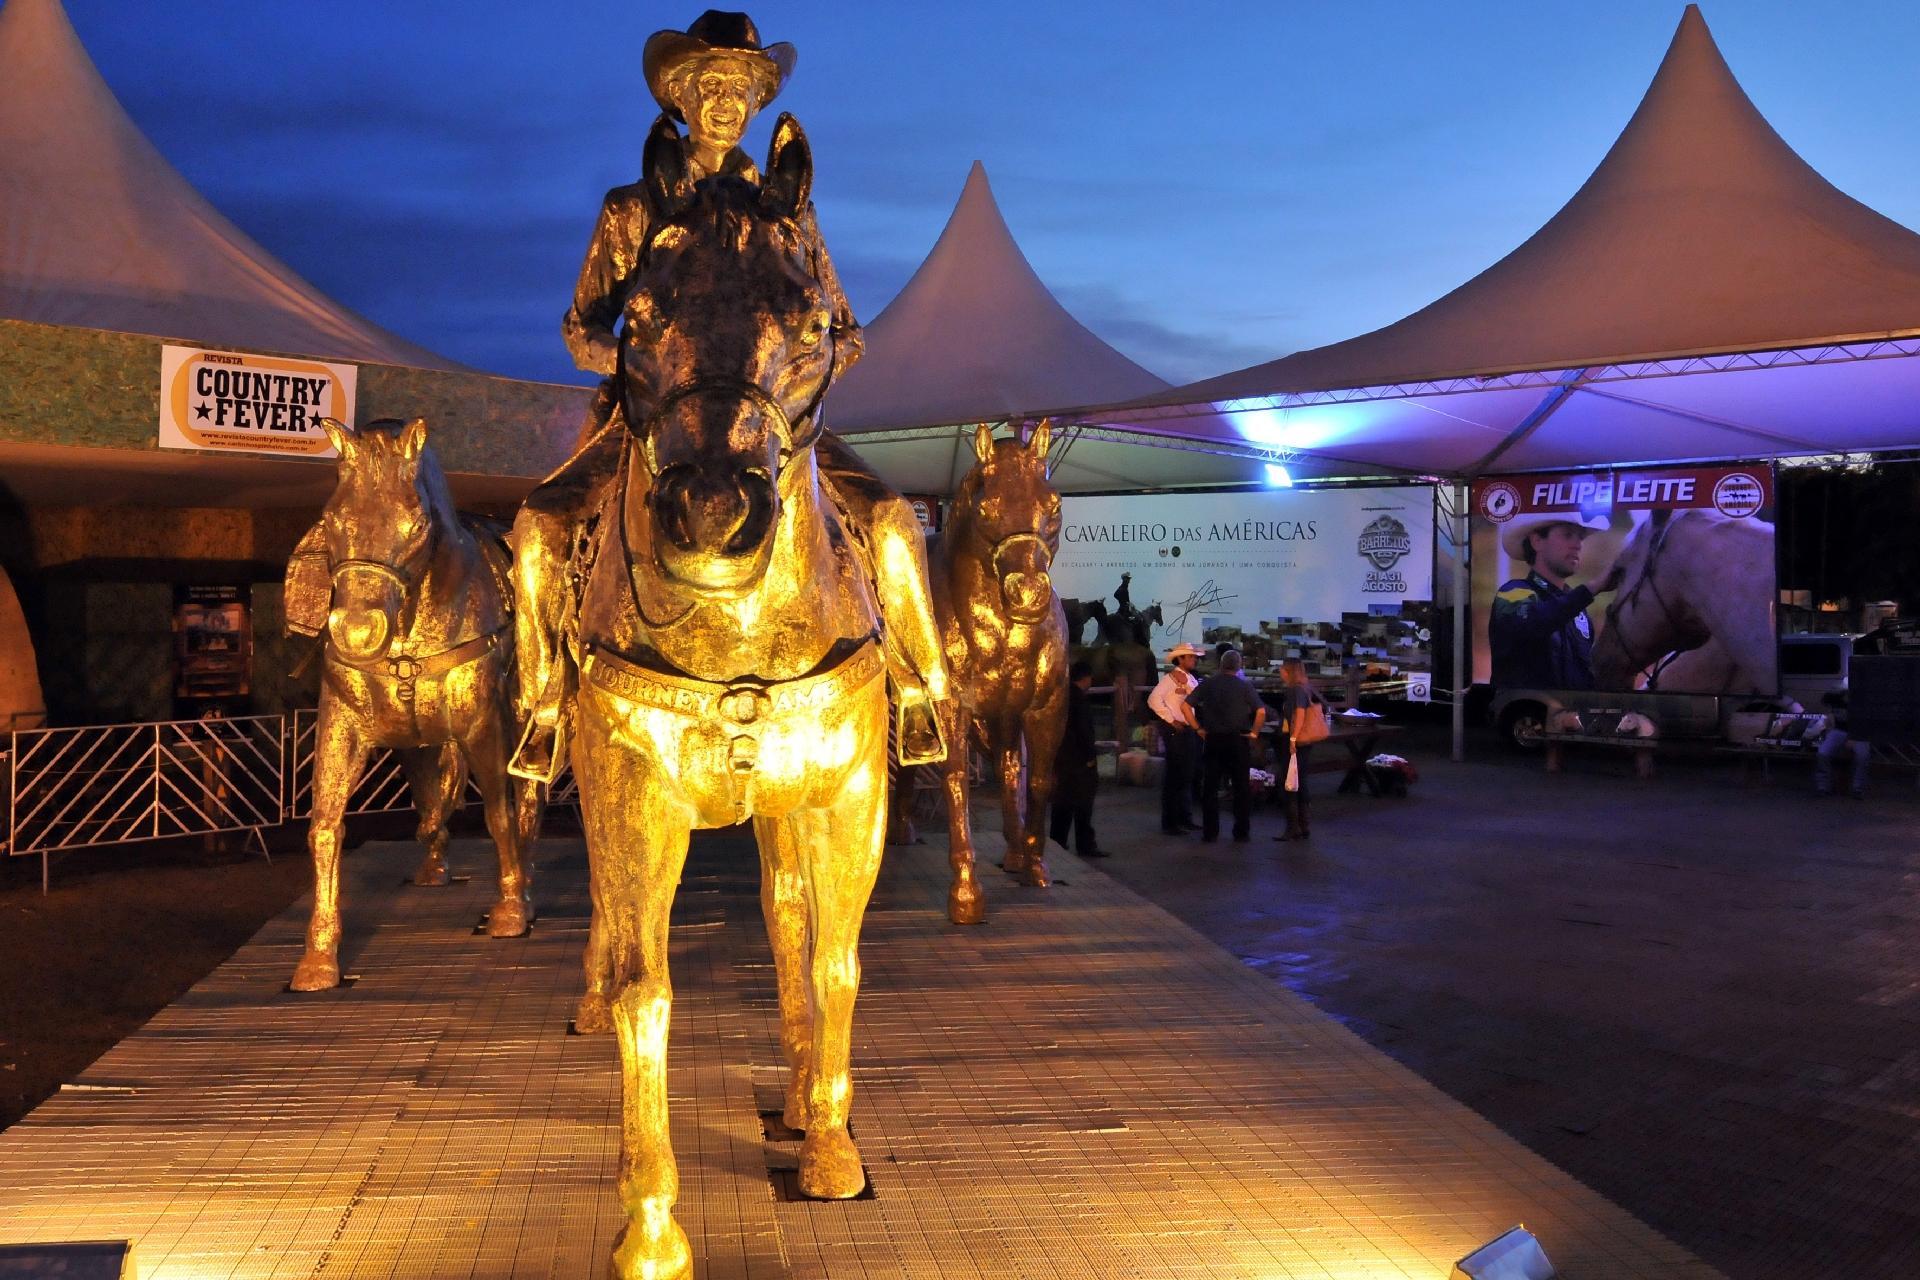 """Estátua de Barretos, em homenagem à travessia de Filipe, o """"Cavaleiro da américa"""" - Arquivo pessoal"""